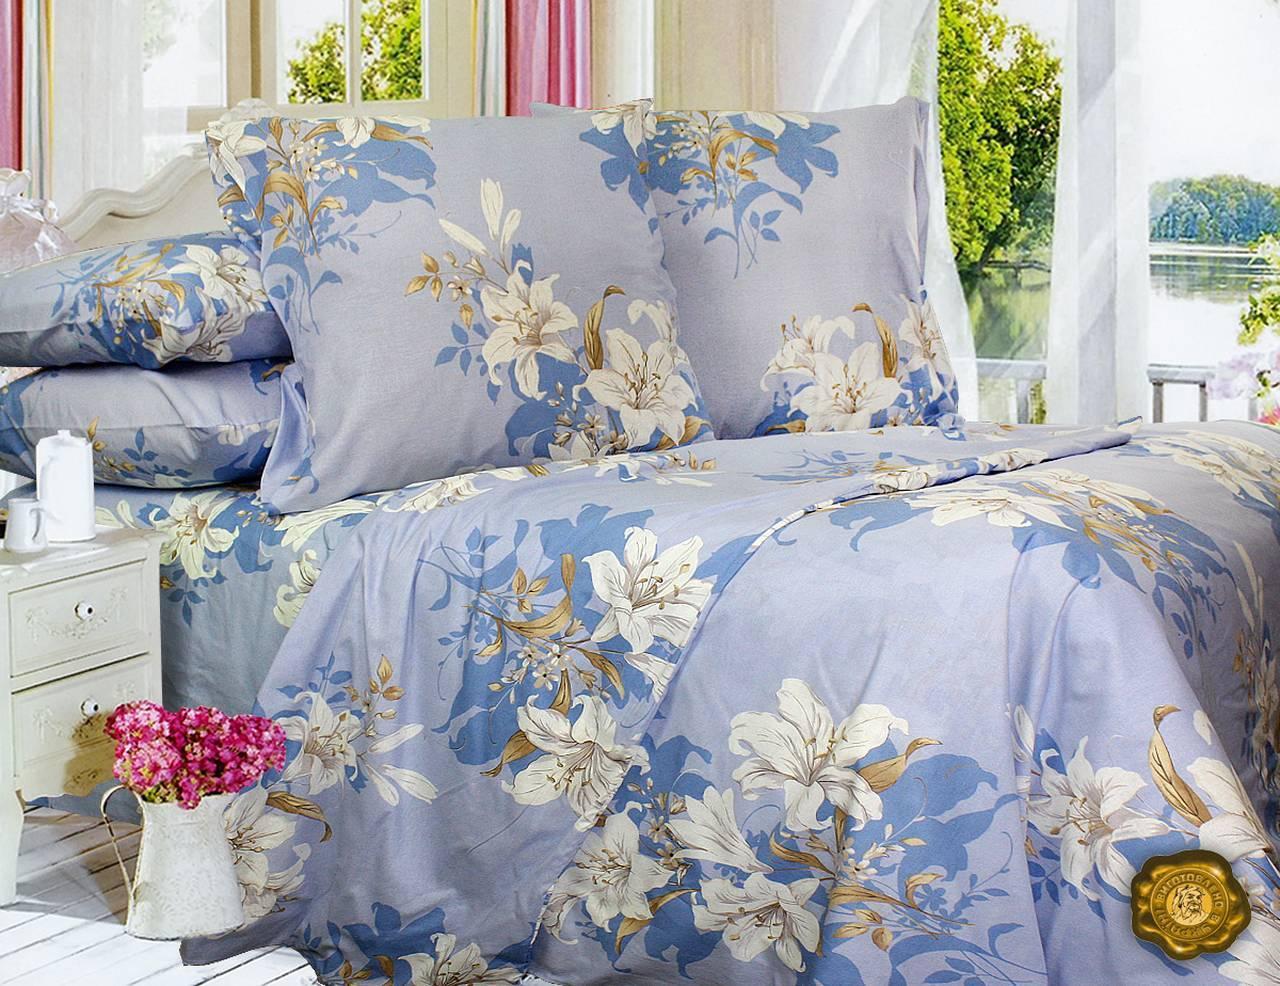 Еней-Плюс Евро постельный комплект Т0415 Еней-Плюс, цвет: Голубой, синий, белый